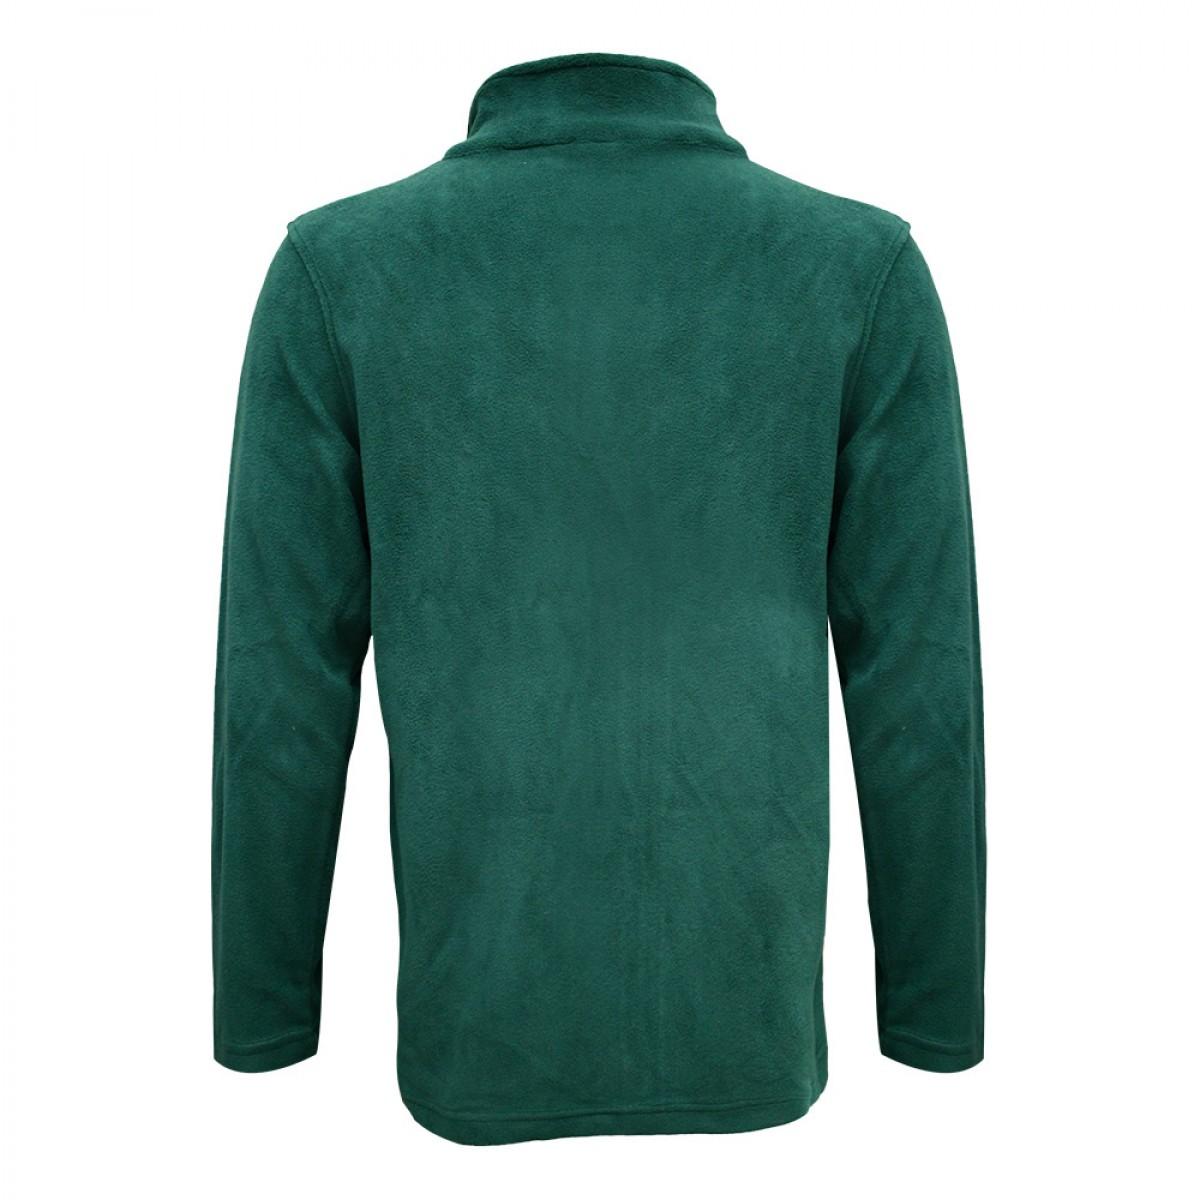 men-fleece-jacket-kfj05772-6a